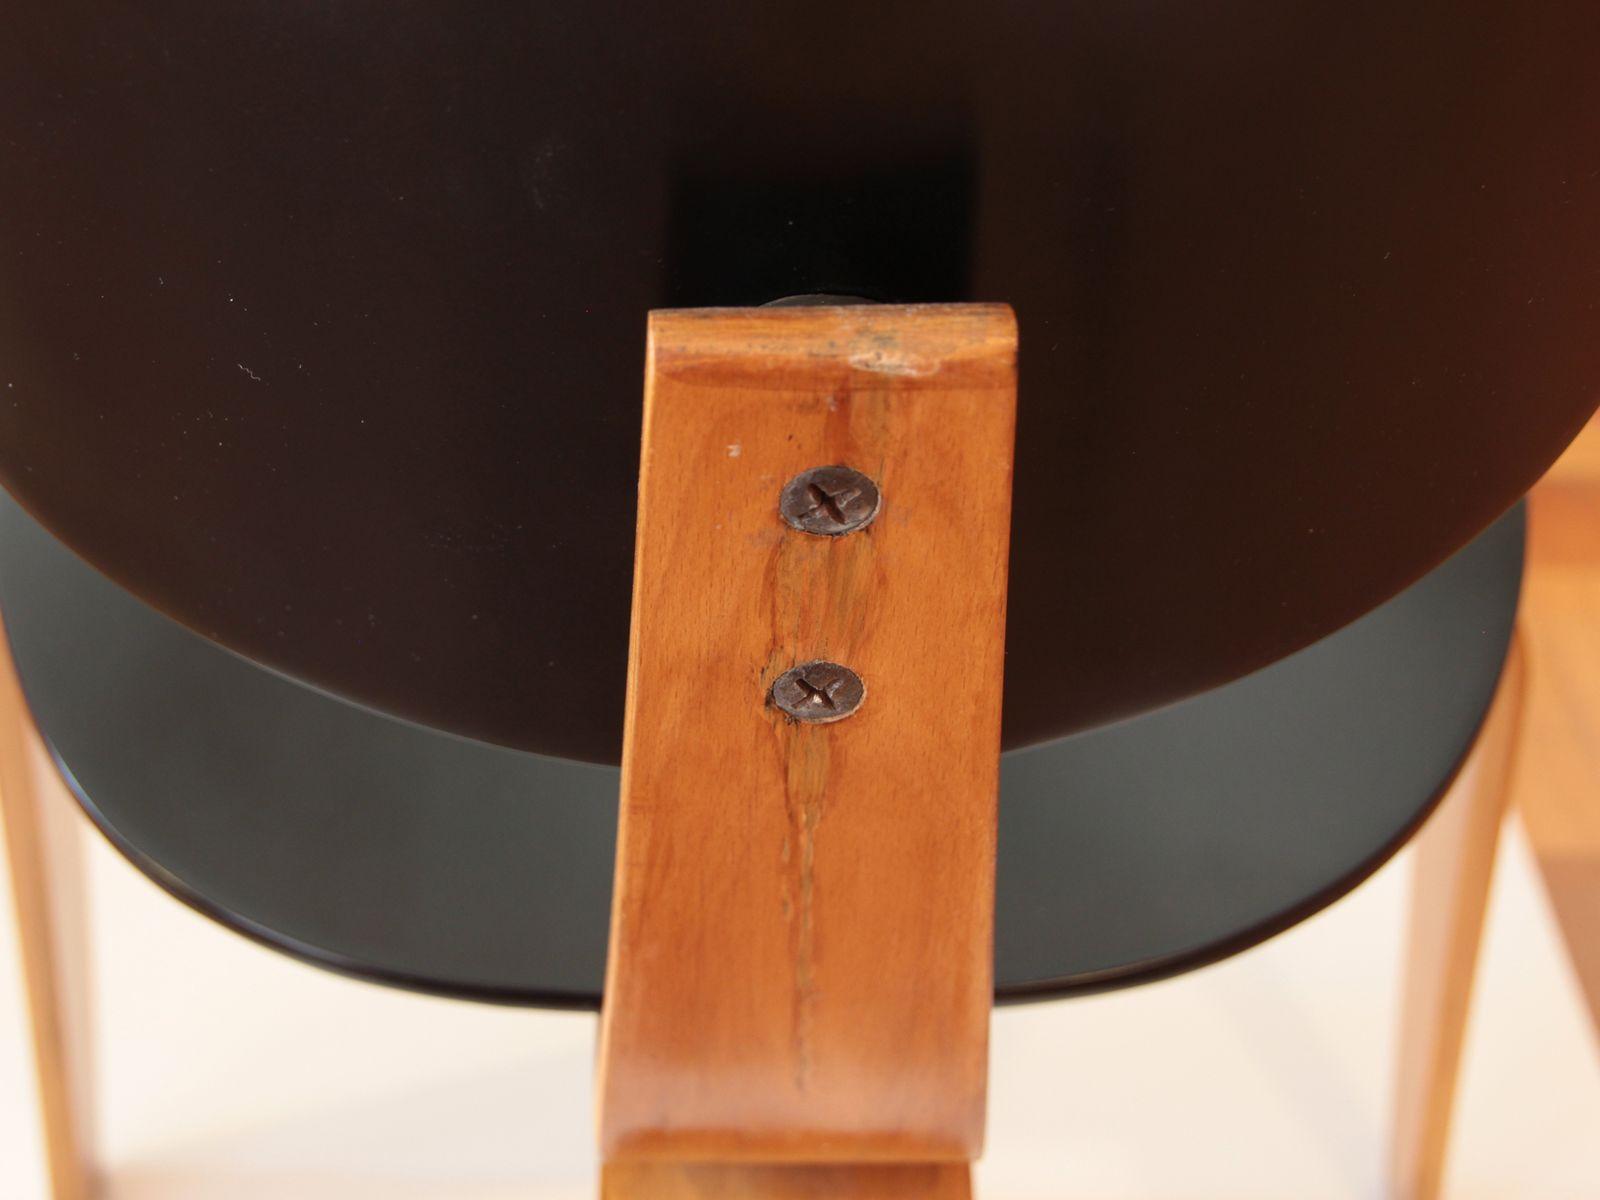 se 42 stuhl von egon eiermann f r wilde spieth 1950er. Black Bedroom Furniture Sets. Home Design Ideas